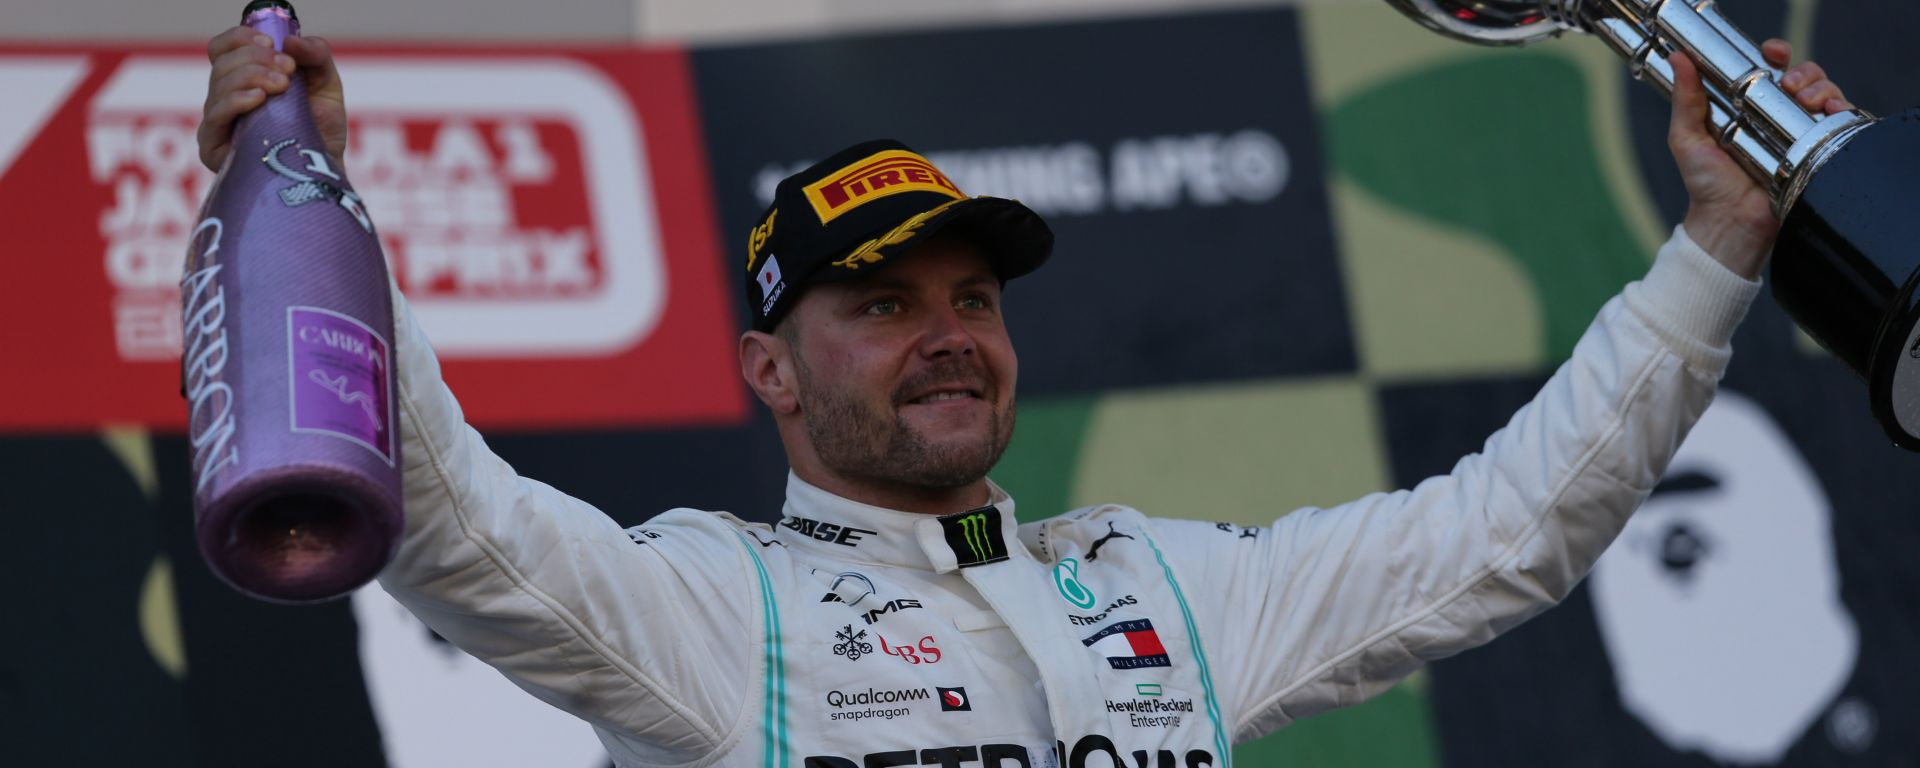 F1, GP Giappone 2019: Valtteri Bottas (Mercedes) sul podio di Suzuka